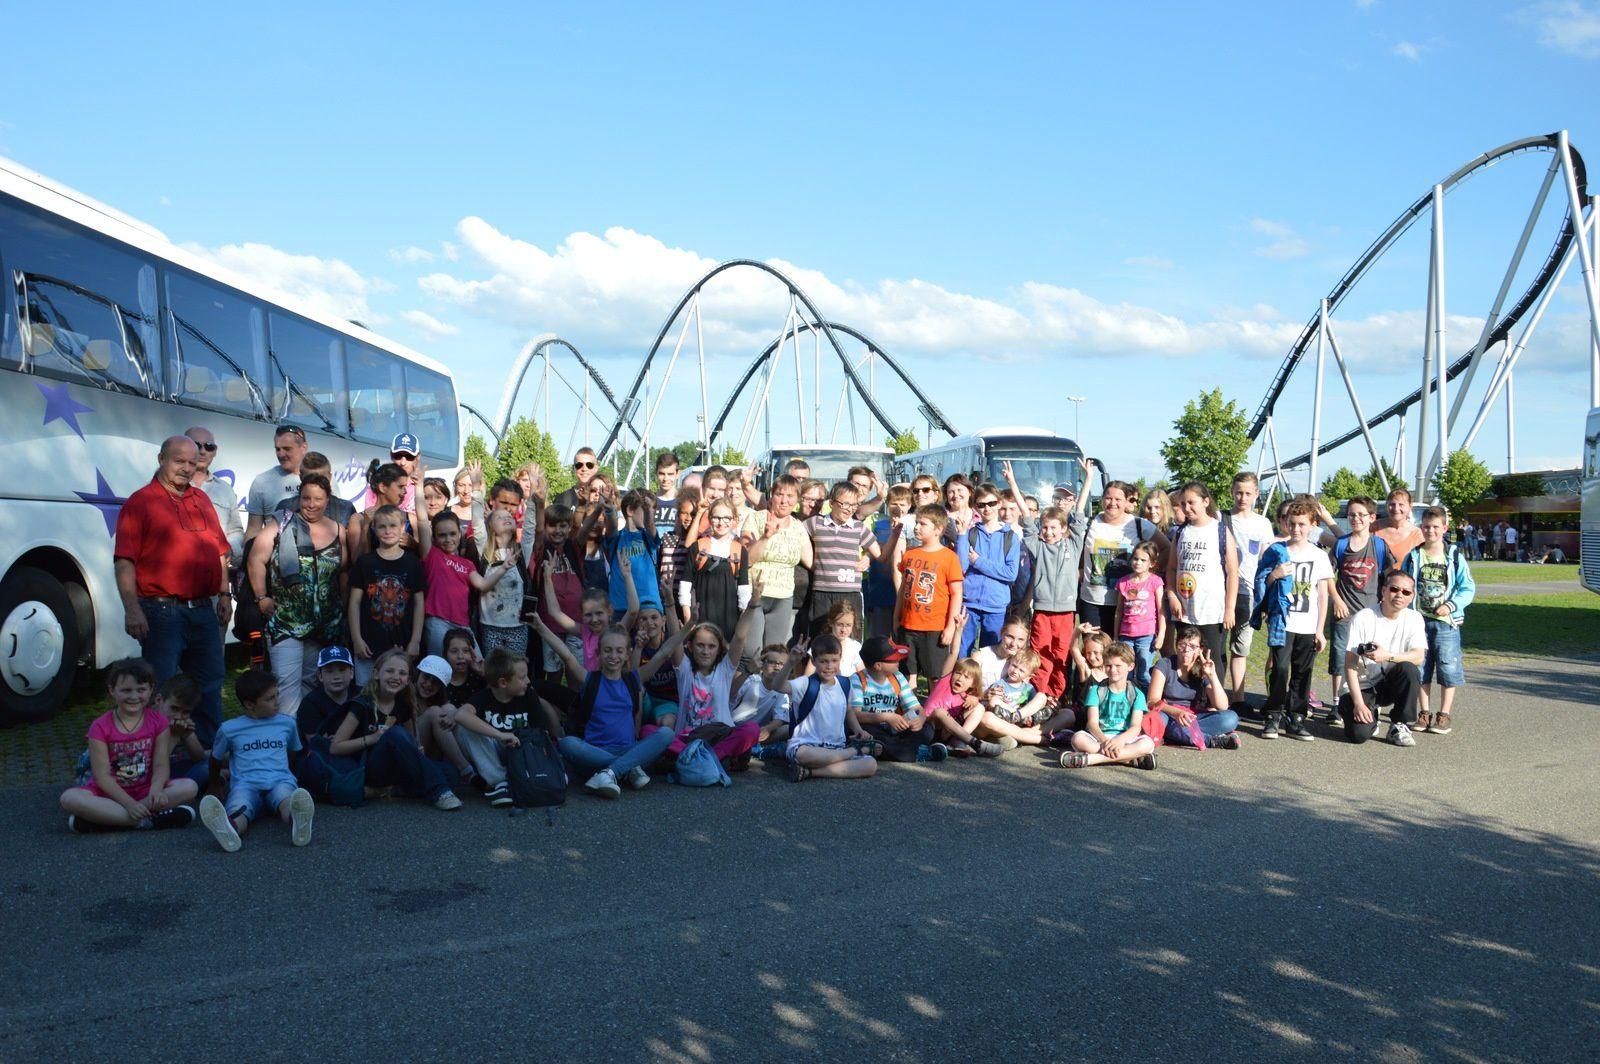 Sortie des enfants de choeur à Europa Park